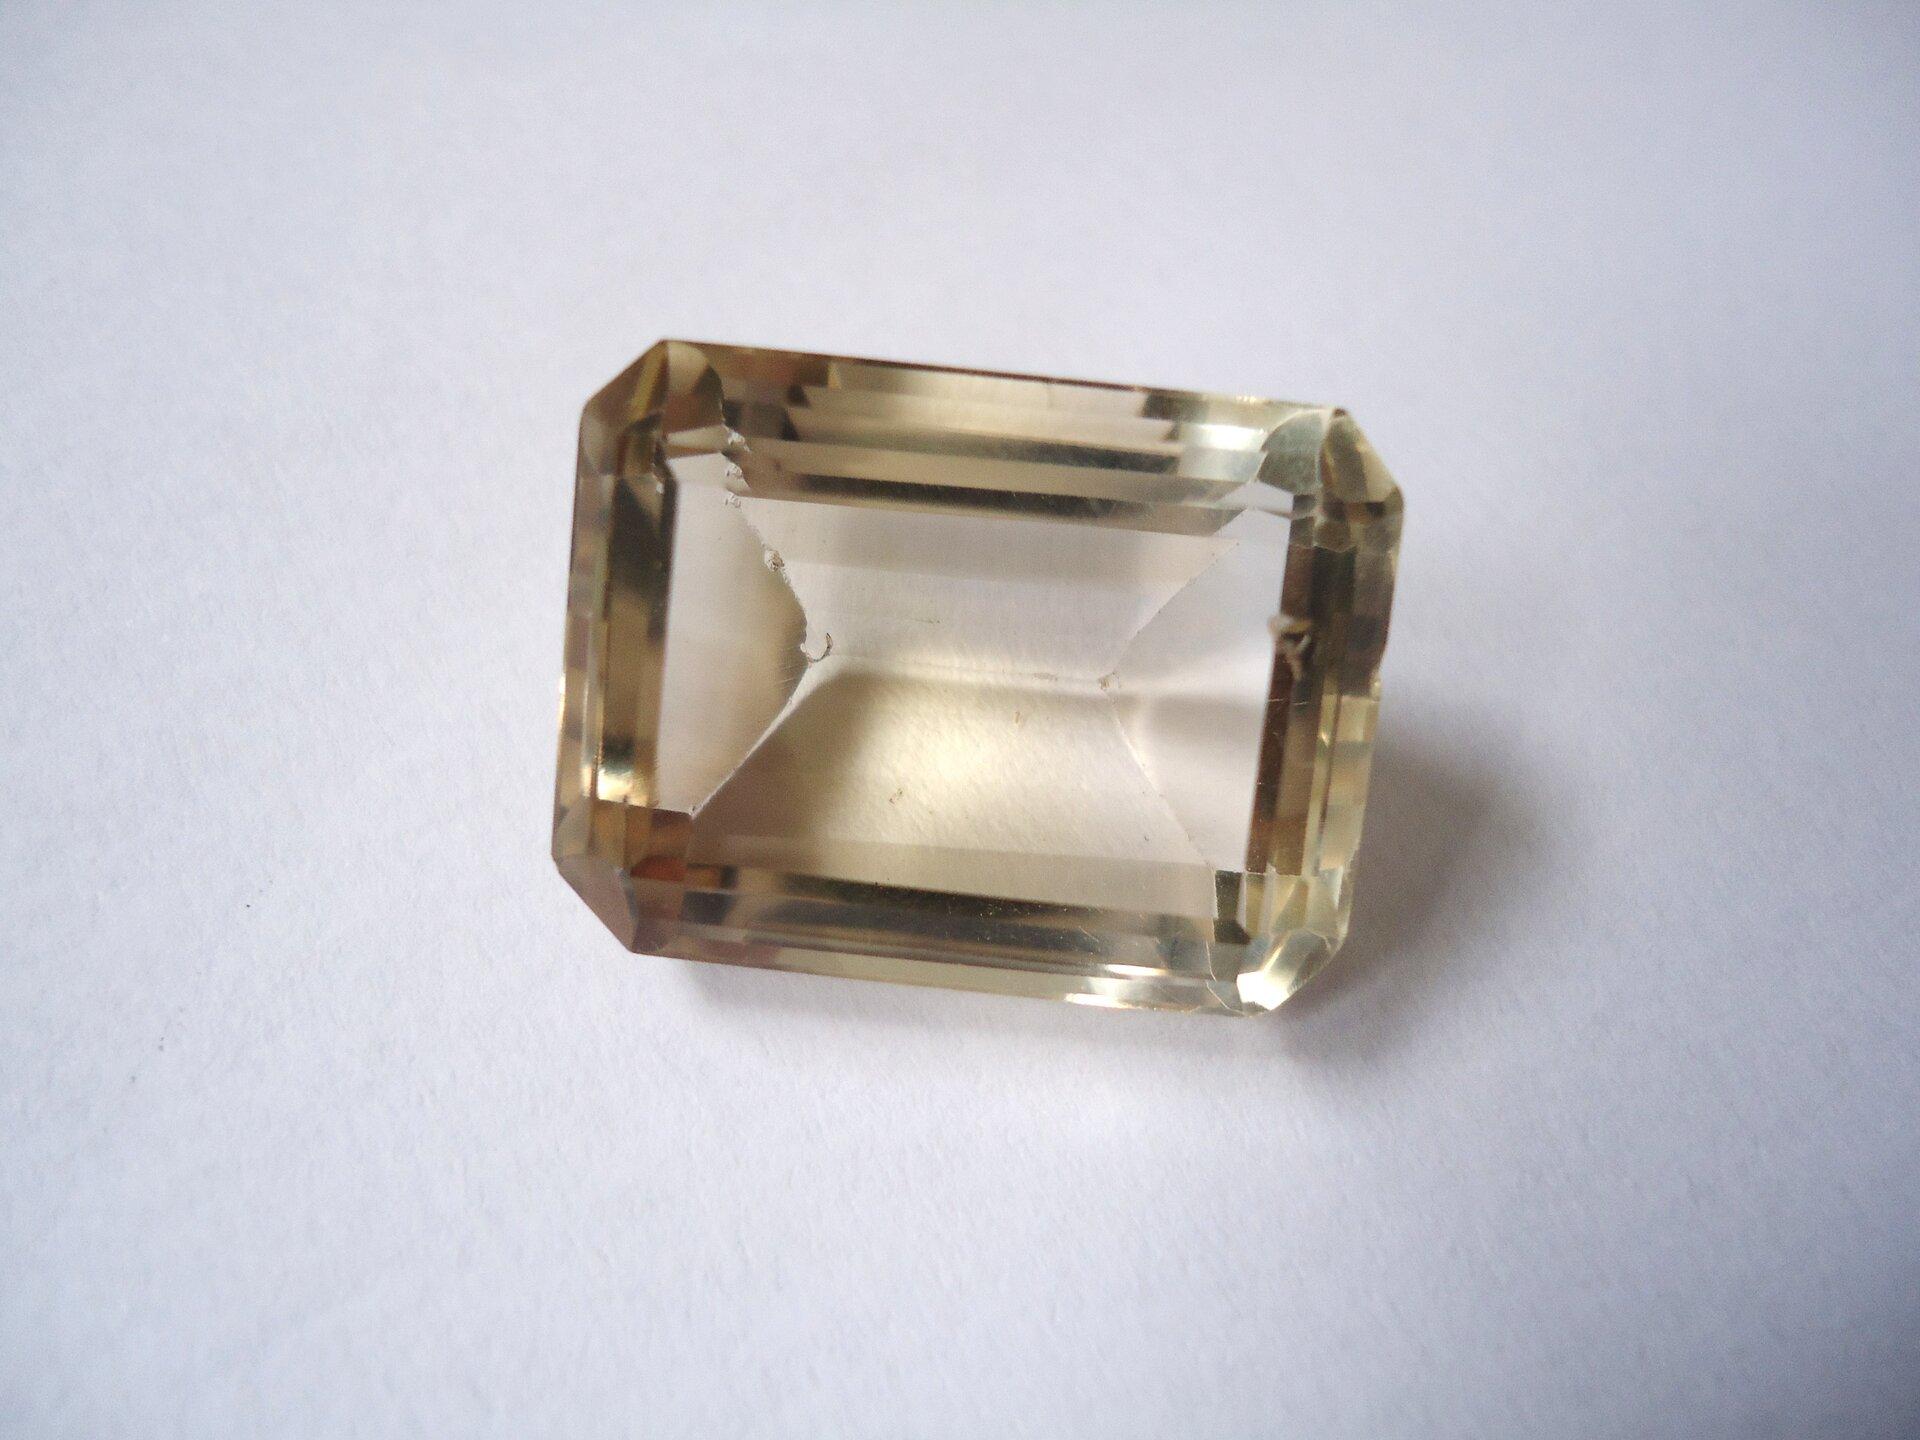 Zdjęcie przedstawia oszlifowany kwarc dymny wformie szlifu szmaragdowego, czyli prostokątnego. Kamień jest bladożółty iprzejrzysty, leży na białym tle.